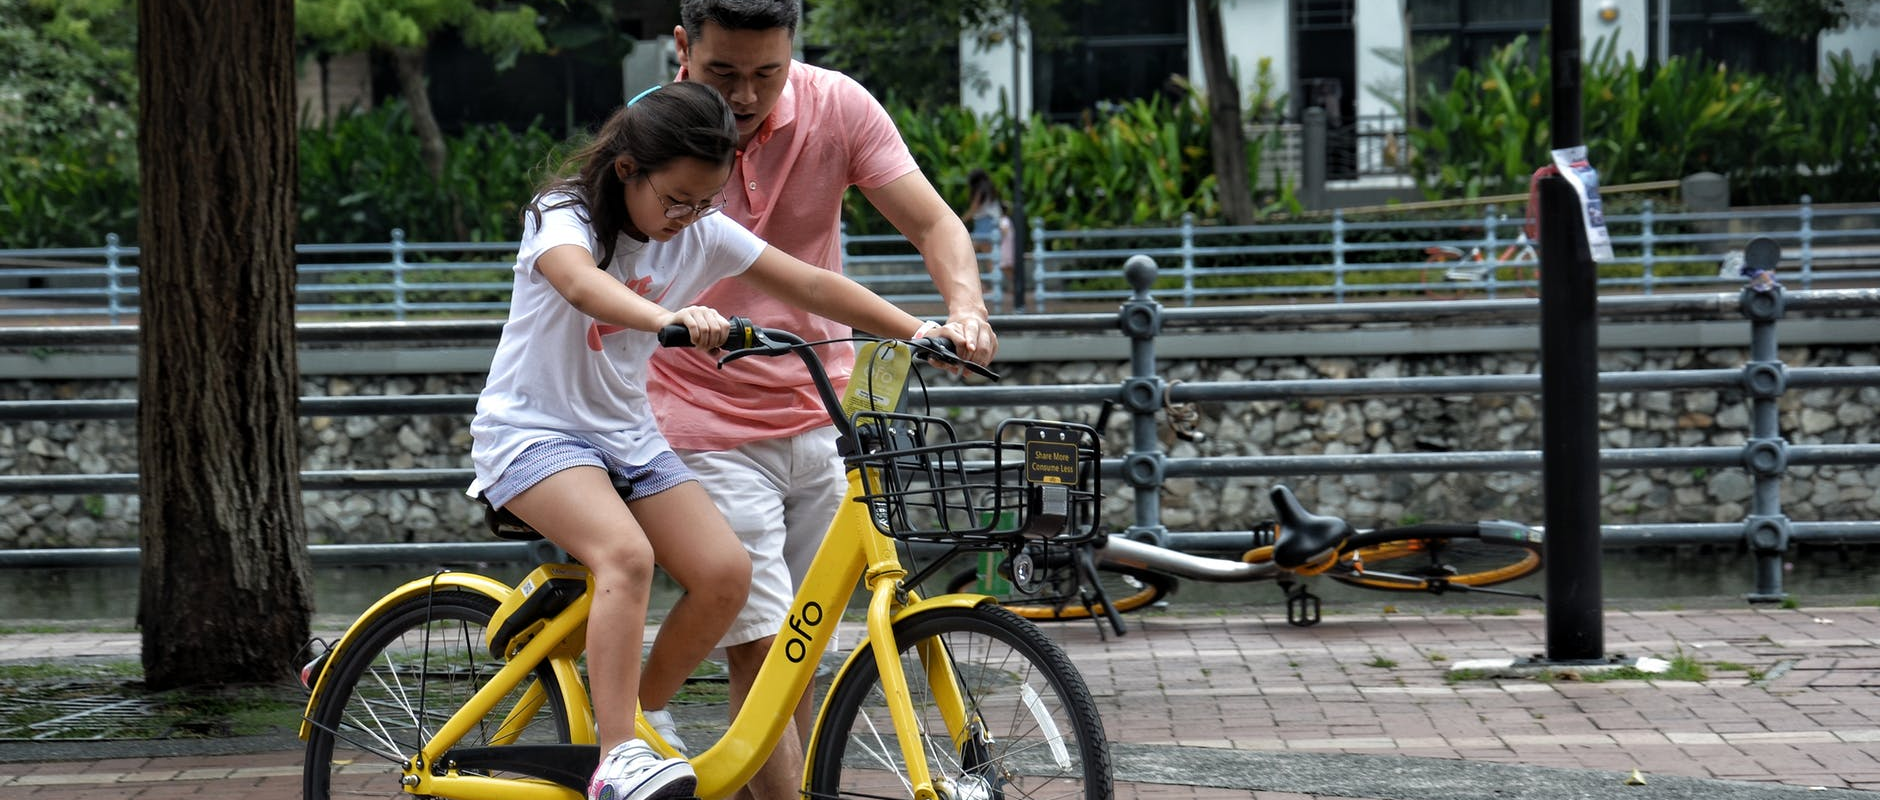 poster image 10 raisons d'aller au boulot à vélo dès aujourd'hui. Le vélo un geste pédagogique. - 10 raisons d'aller au boulot à vélo dès aujourd'hui.